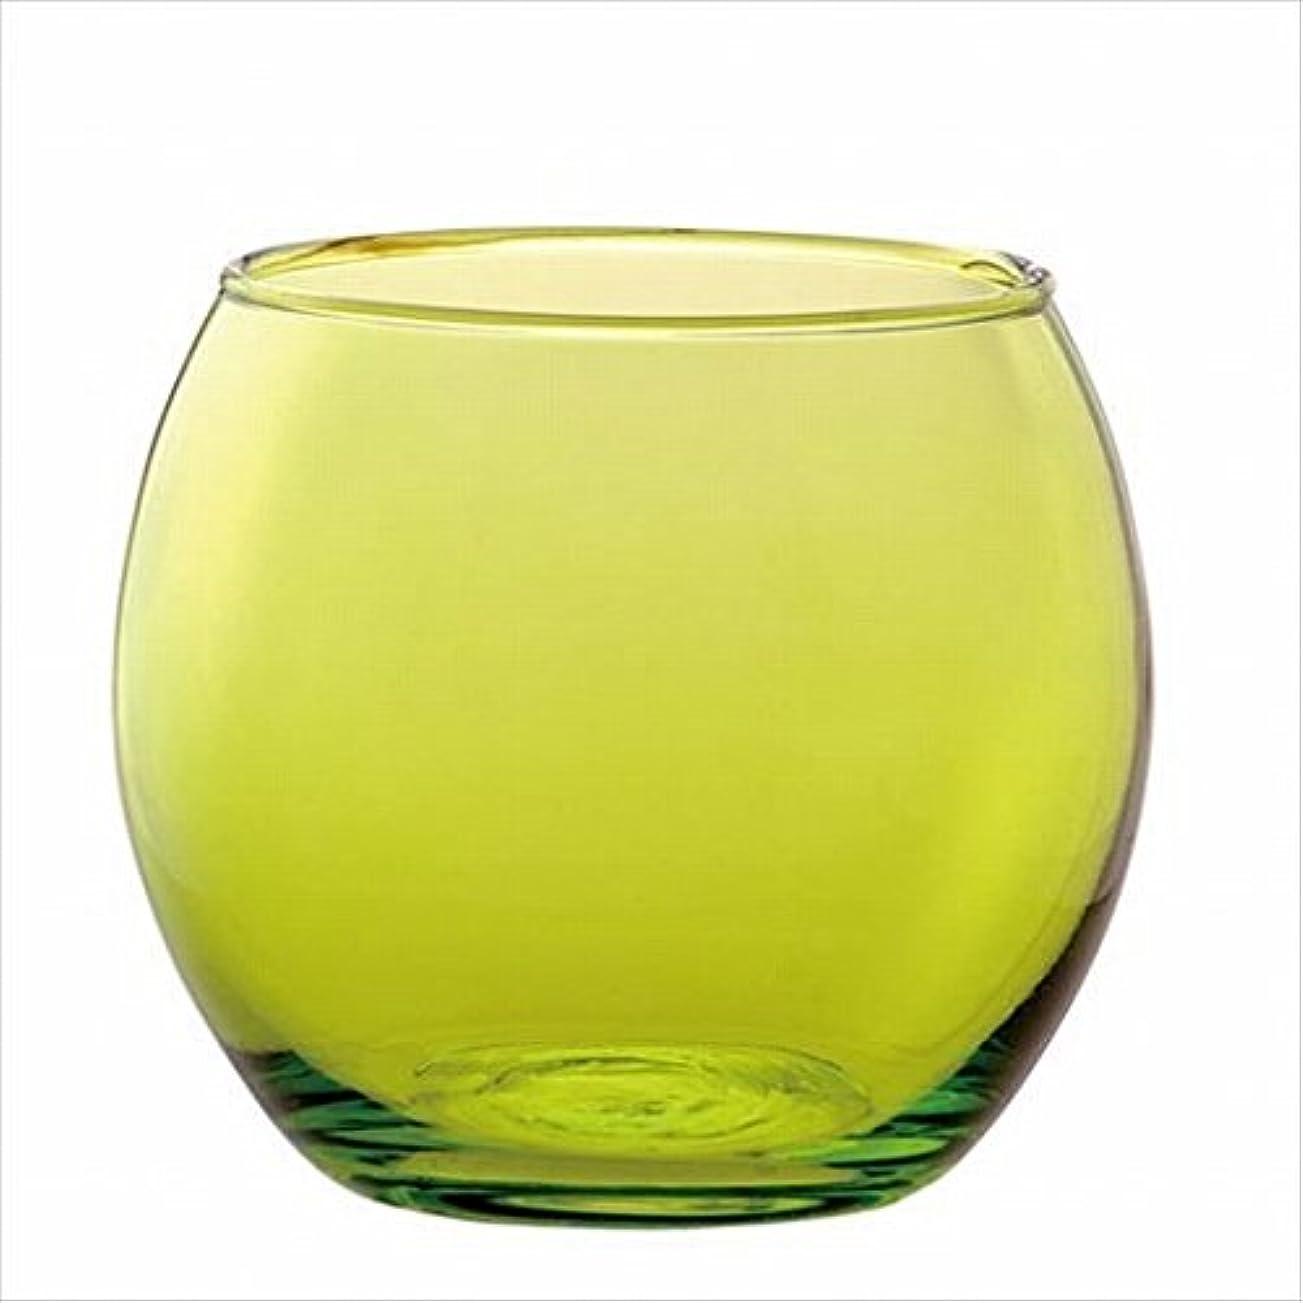 制限する一口ディレクトリカメヤマキャンドル(kameyama candle) スフィアキャンドルホルダー 「 グリーン 」